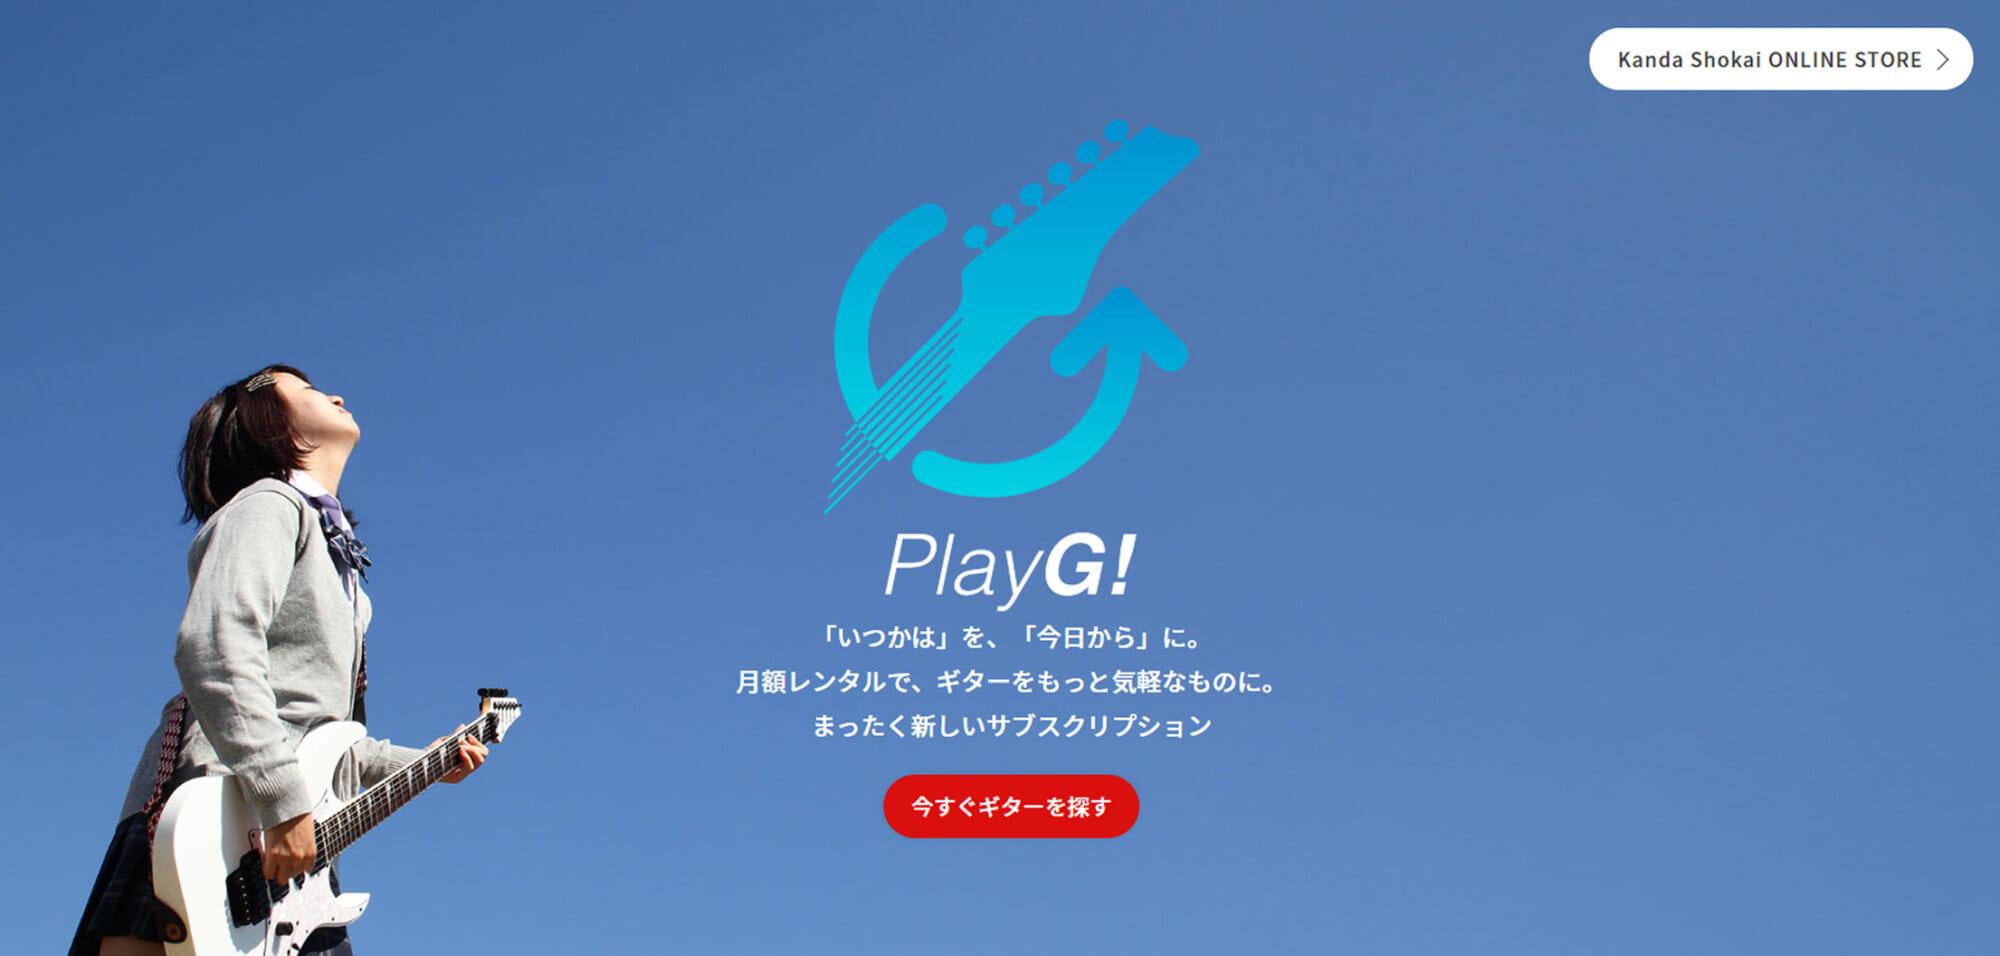 ギターのサブスク「PlayG!」について神田商会に直接聞いてみた。